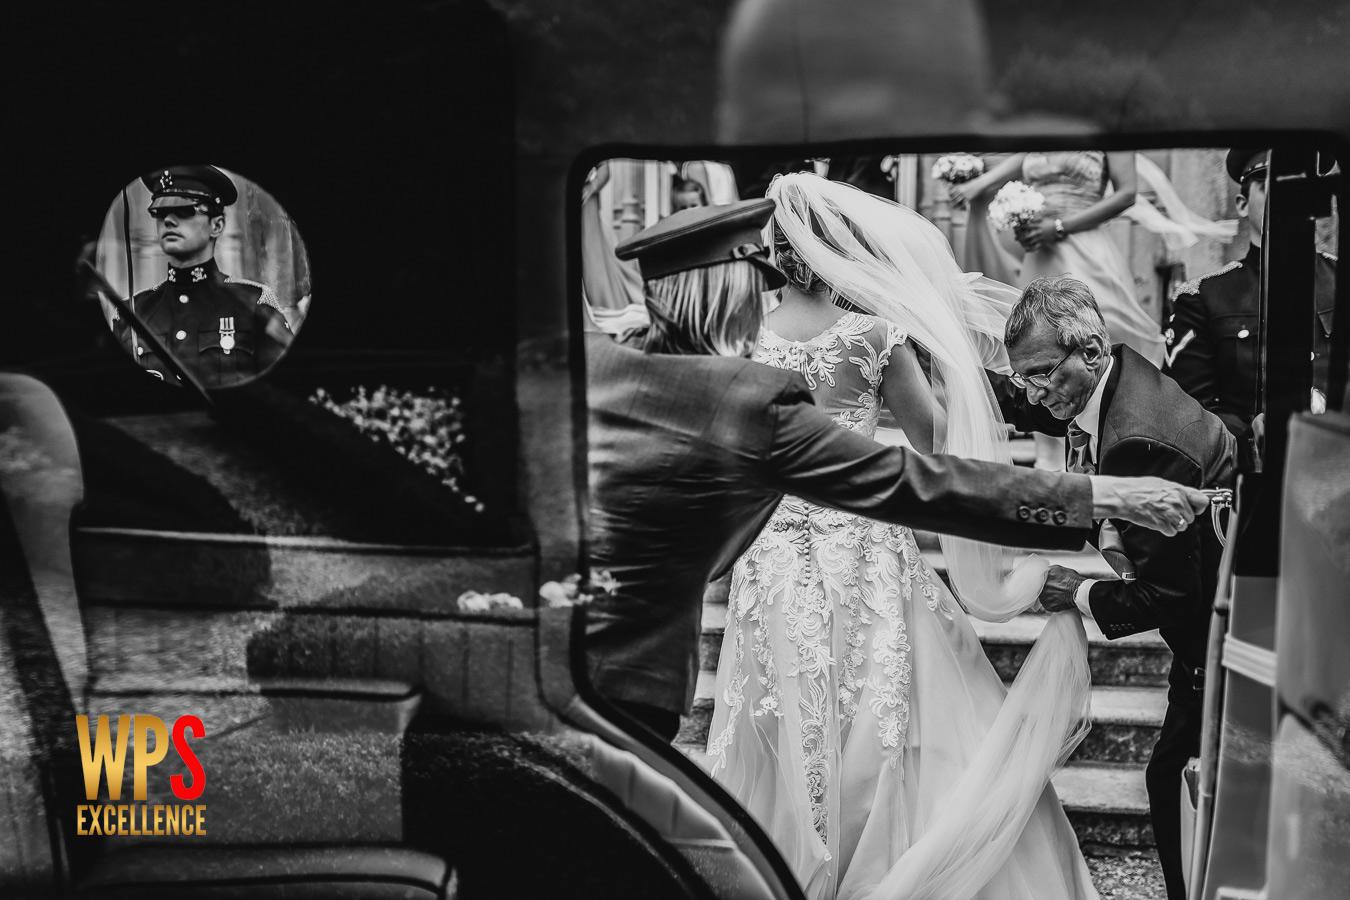 Wedding photography Select awards framing real moments